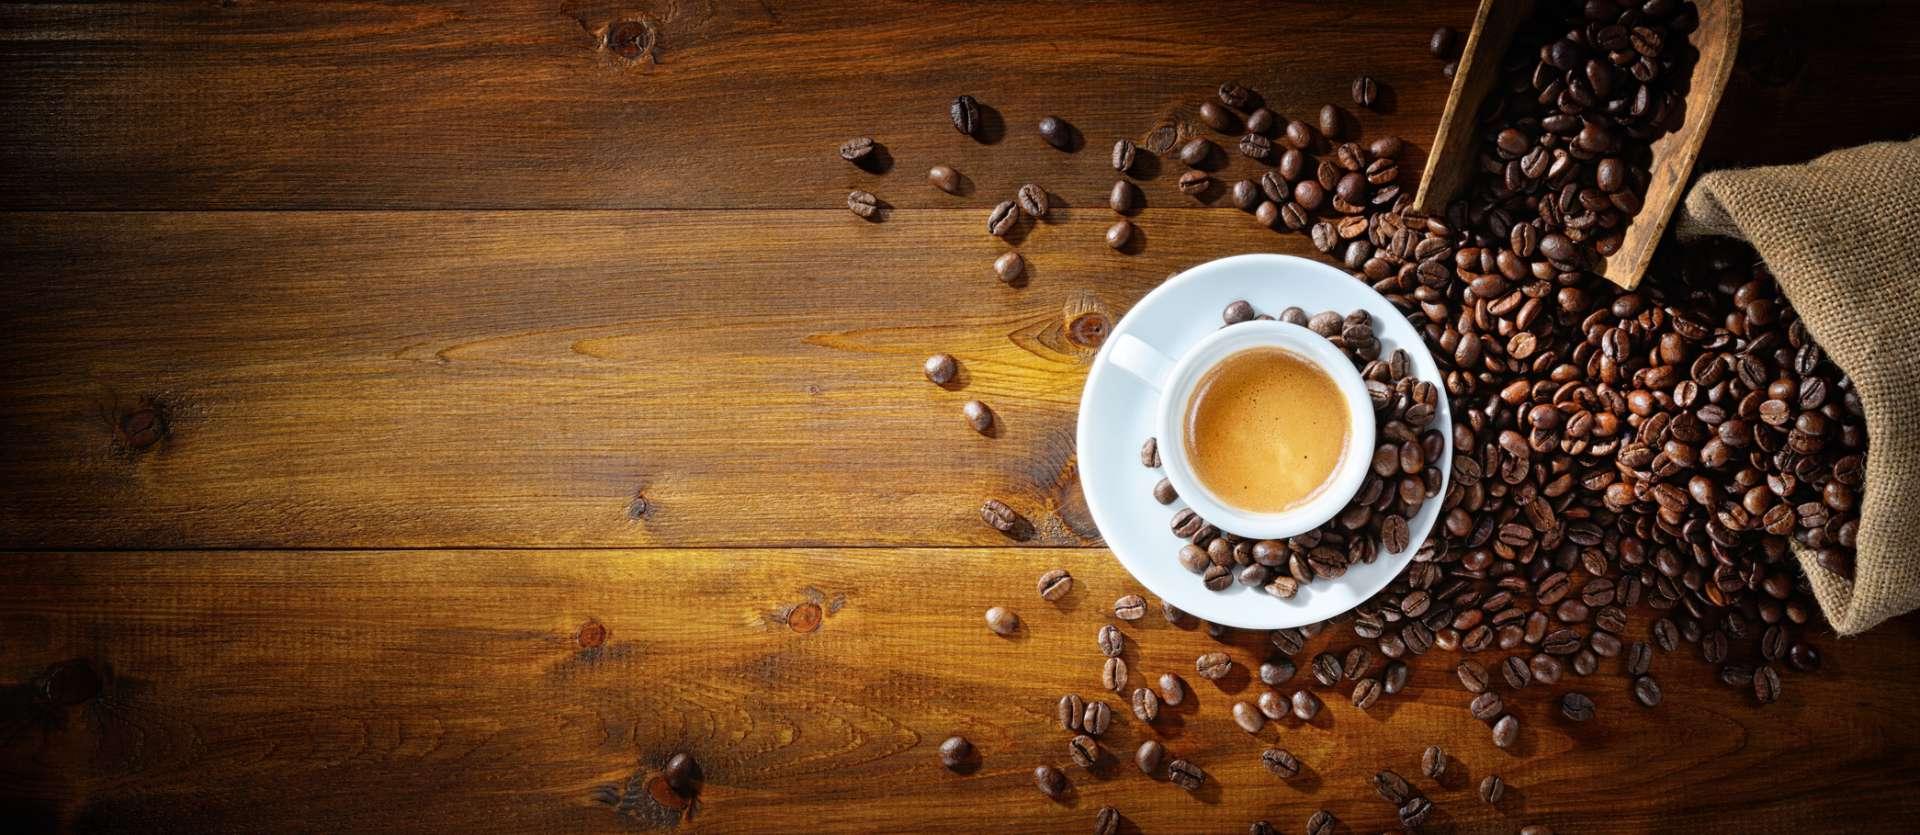 Sfondo Storia Elite Caffè